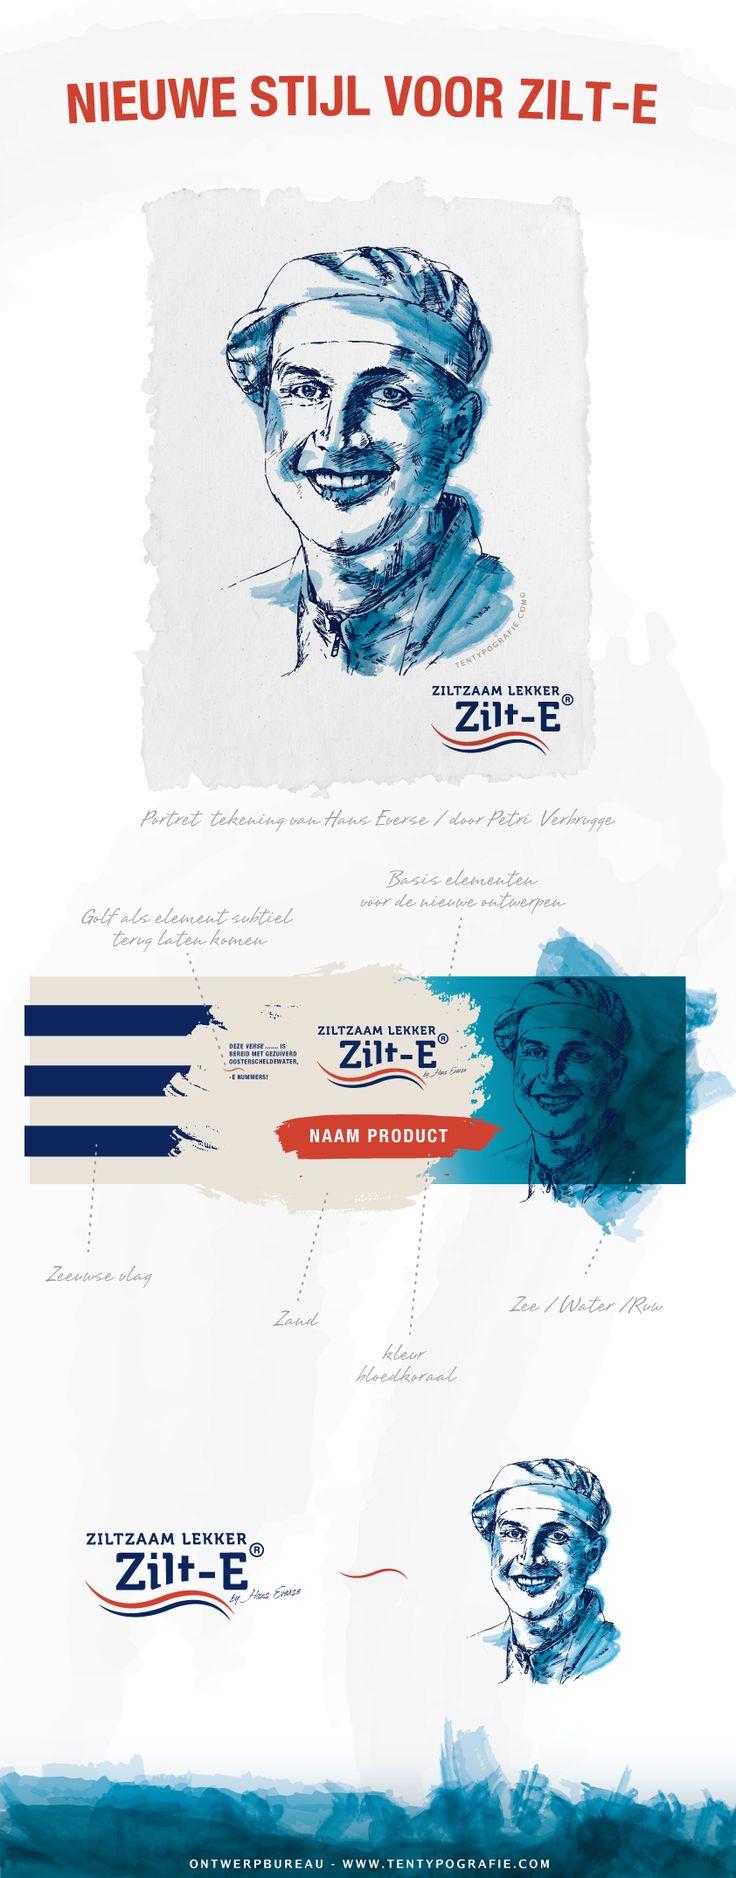 • NIEUWE STIJL VOOR ZILT-E • Vanaf komende week zullen we steeds meer van de nieuwe #stijl van Zilt-E onthullen.  Hieronder de introductie met handgetekend #portret van Hans Everse   -- #Thee & #Typografie is zeer blij met deze nieuwe toffe klant en zijn prachtige bedrijf Zilt-E met 'Zeker #Zeeuws' #keurmerk.  -- Binnenkort meer over zijn producten zoals #Zeeuwse #snert, #Oosterscheldewater, #frites en meer!  -- #tentypografie #grafisch #ontwerp #ontwerpbureau #verpakking #vlissingen…